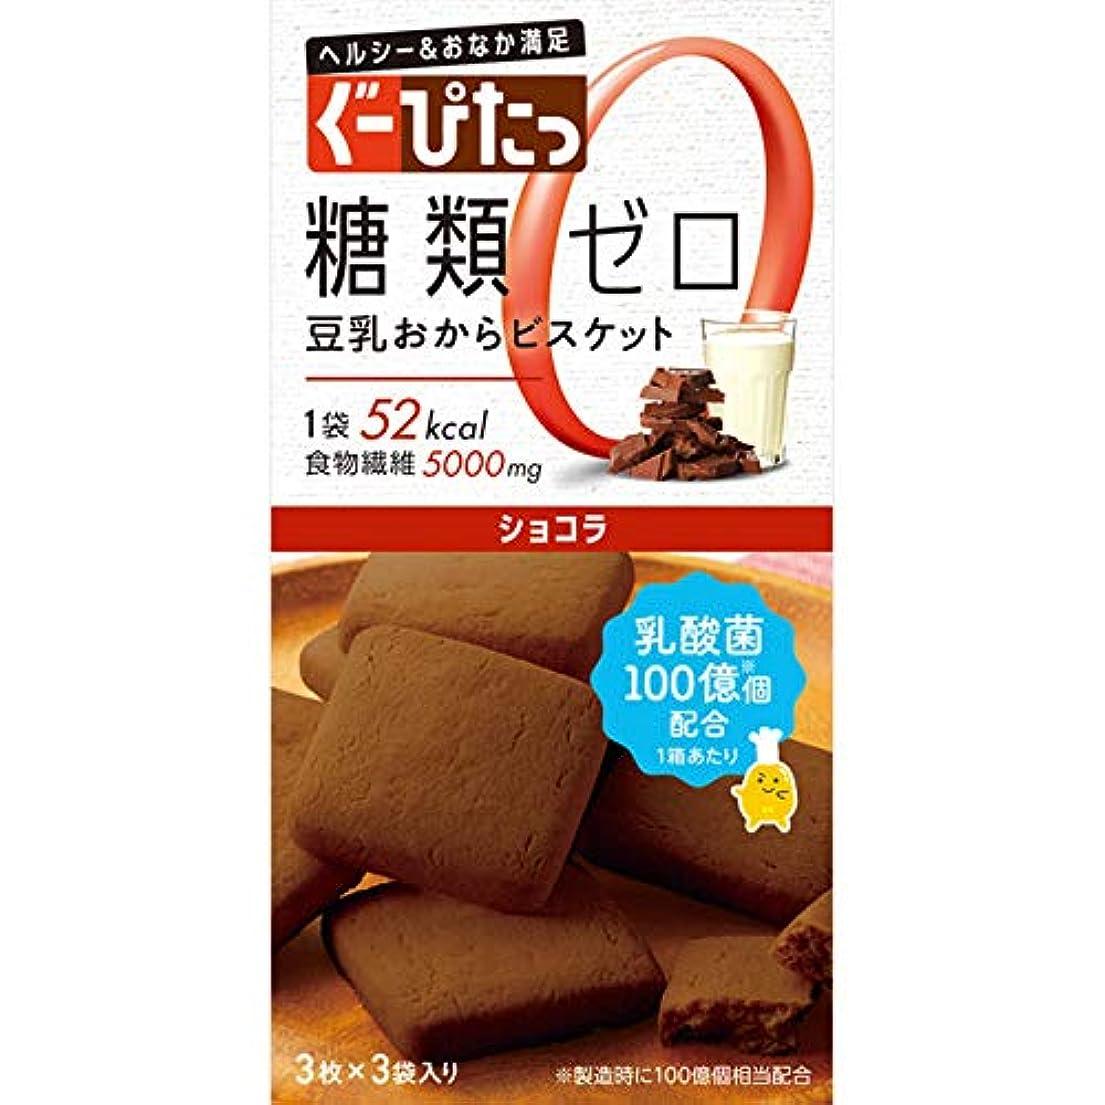 よろめくコークス彼らのものナリスアップ ぐーぴたっ 豆乳おからビスケット ショコラ (3枚×3袋) ダイエット食品